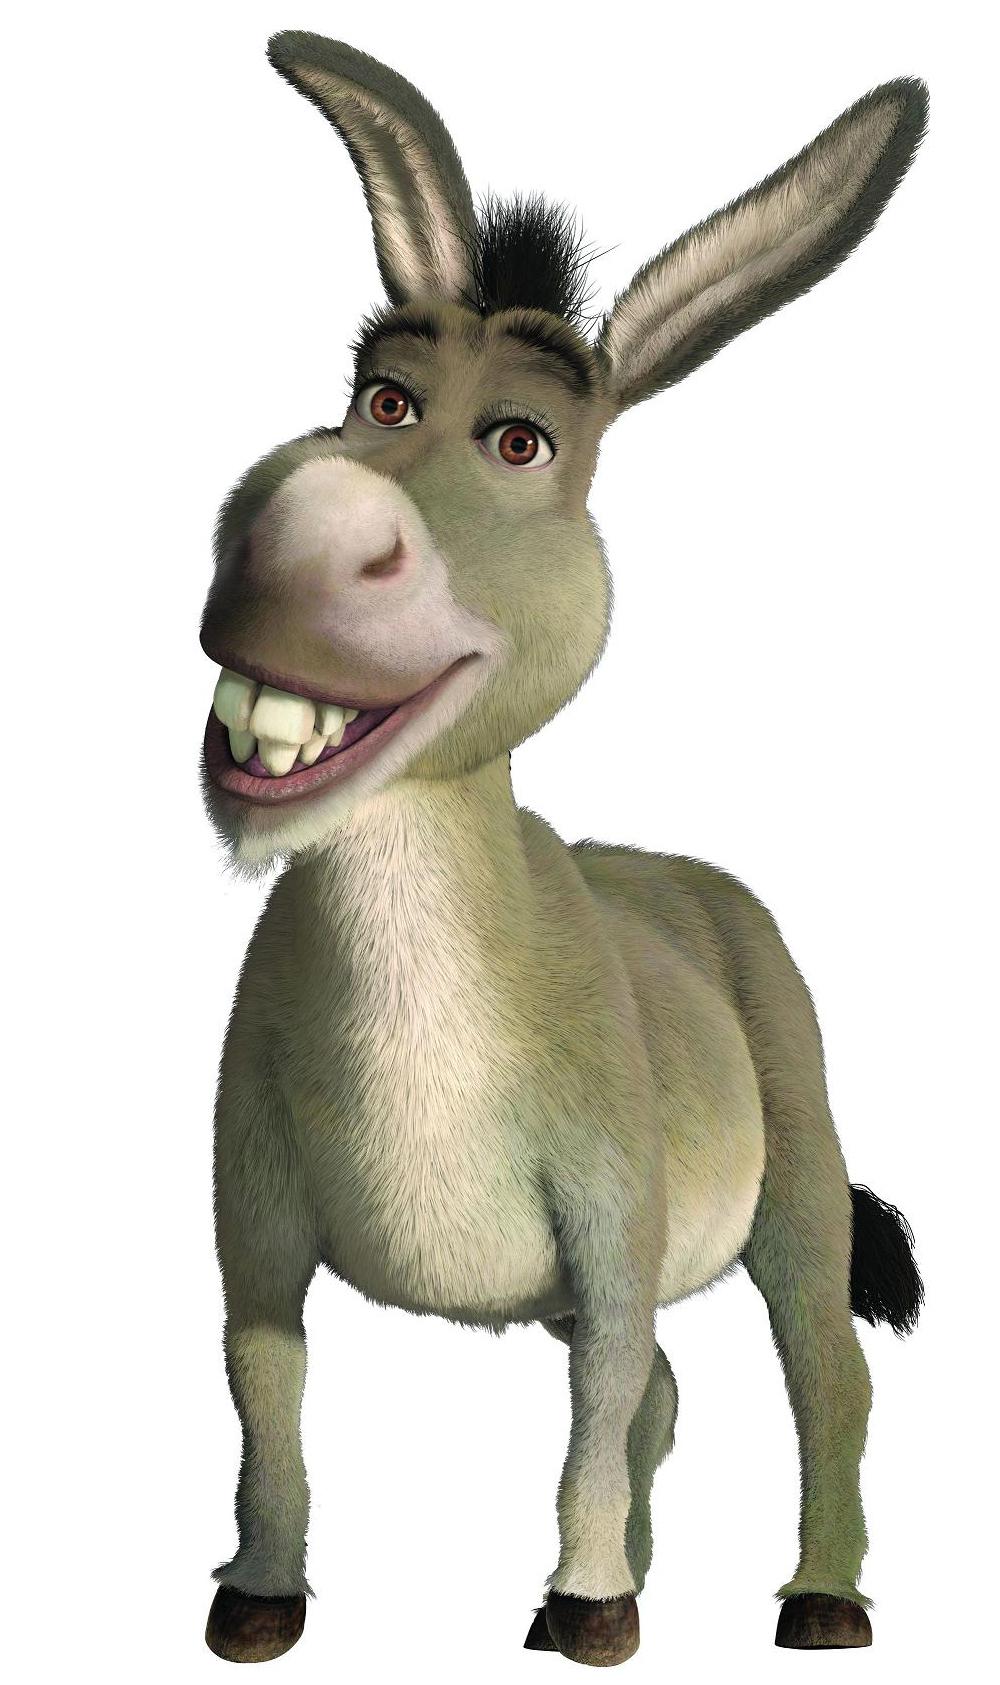 donkey species wikishrek fandom powered by wikia